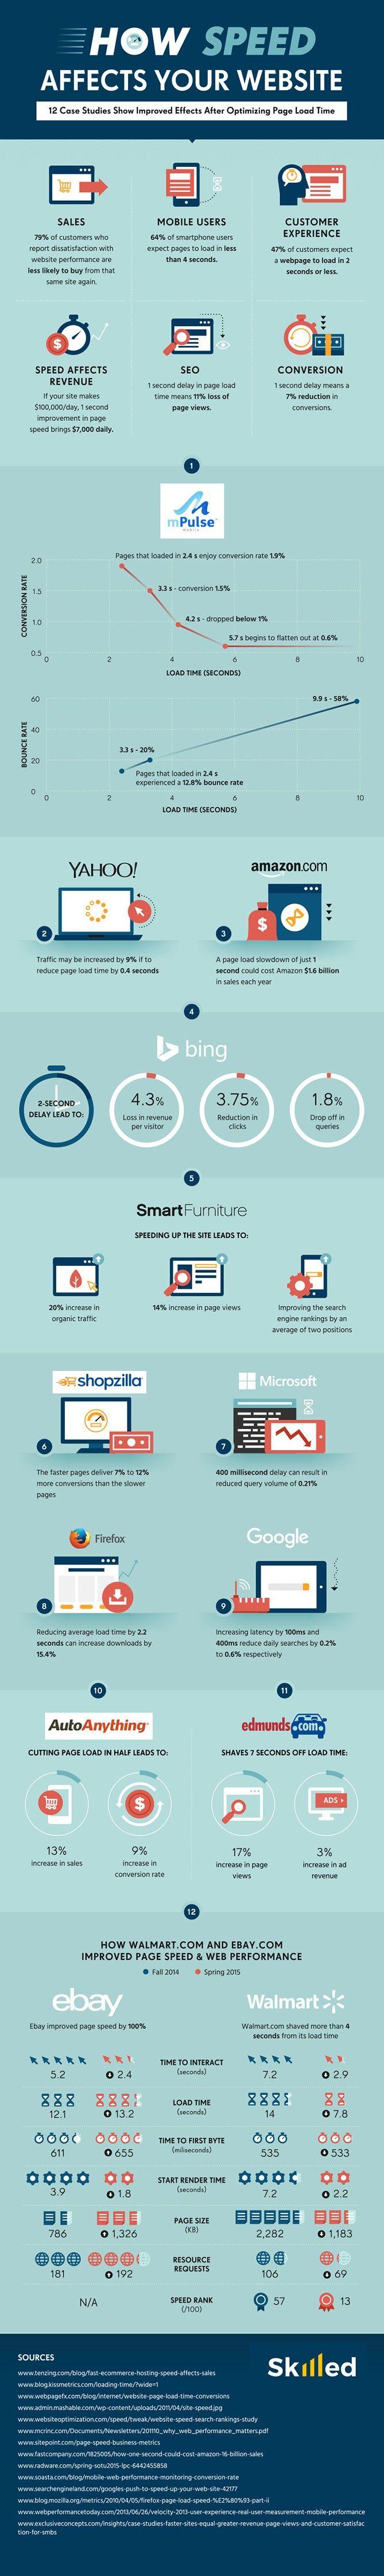 Hvordan påvirker din load tider salget i din webshop - Fed infografik fra #HubSpot om Load tider og websider.